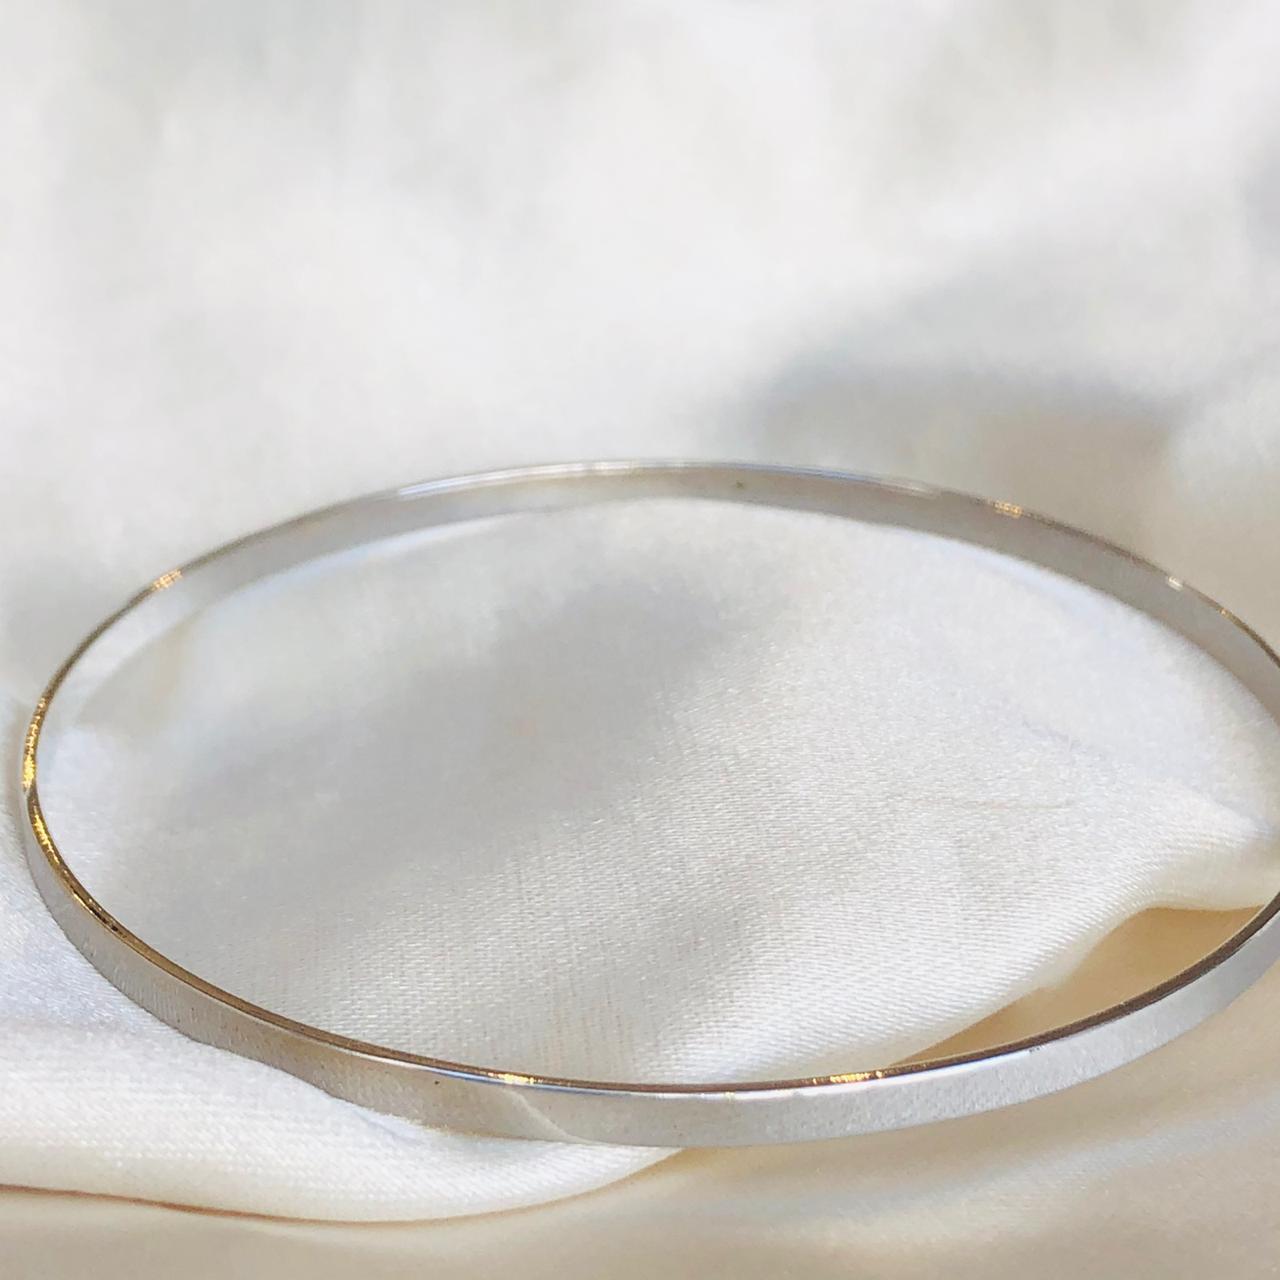 Pulseira Lisa Aro Banhada em Ródio Branco